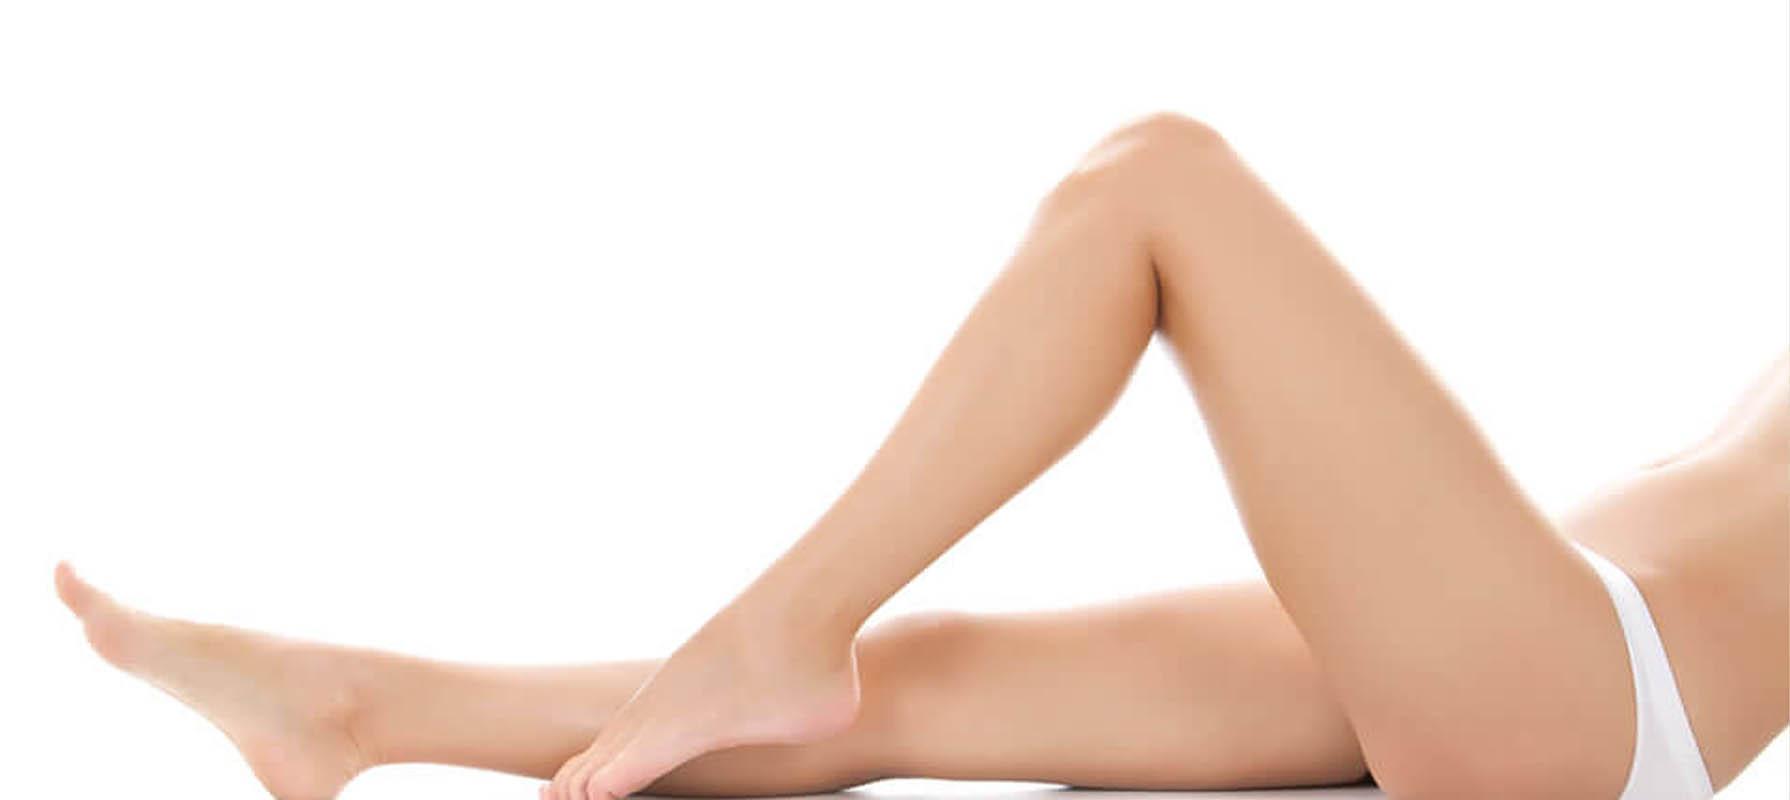 Liposcultura gambe Segesta Milano, il Dottor Raoul Novelli, annoverato tra i migliori chirurghi plastici